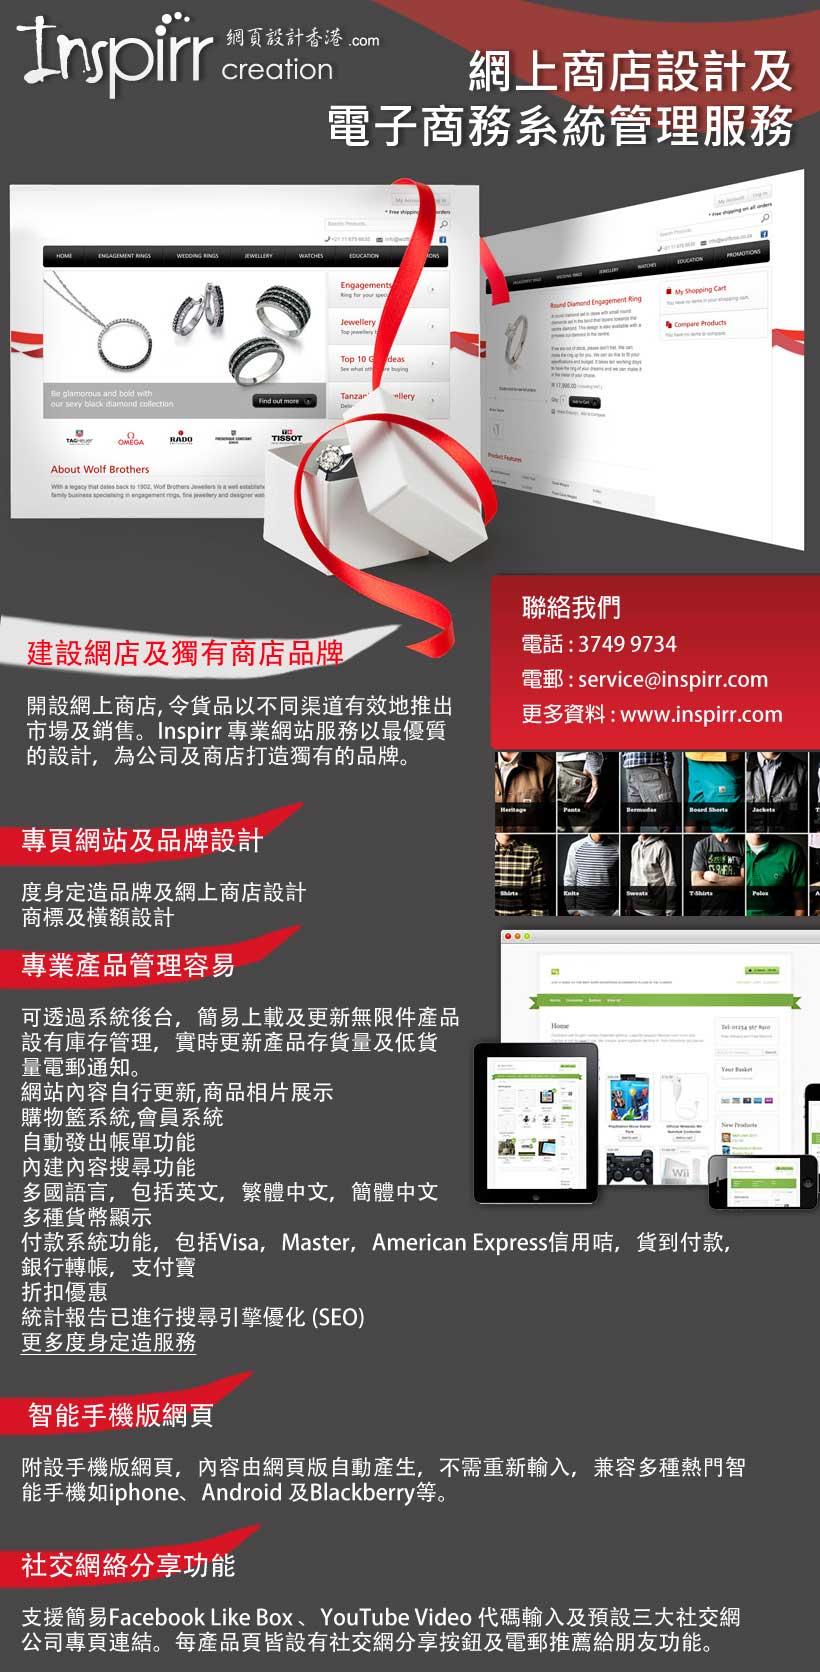 網上商店設計及電子商務系統管理服務